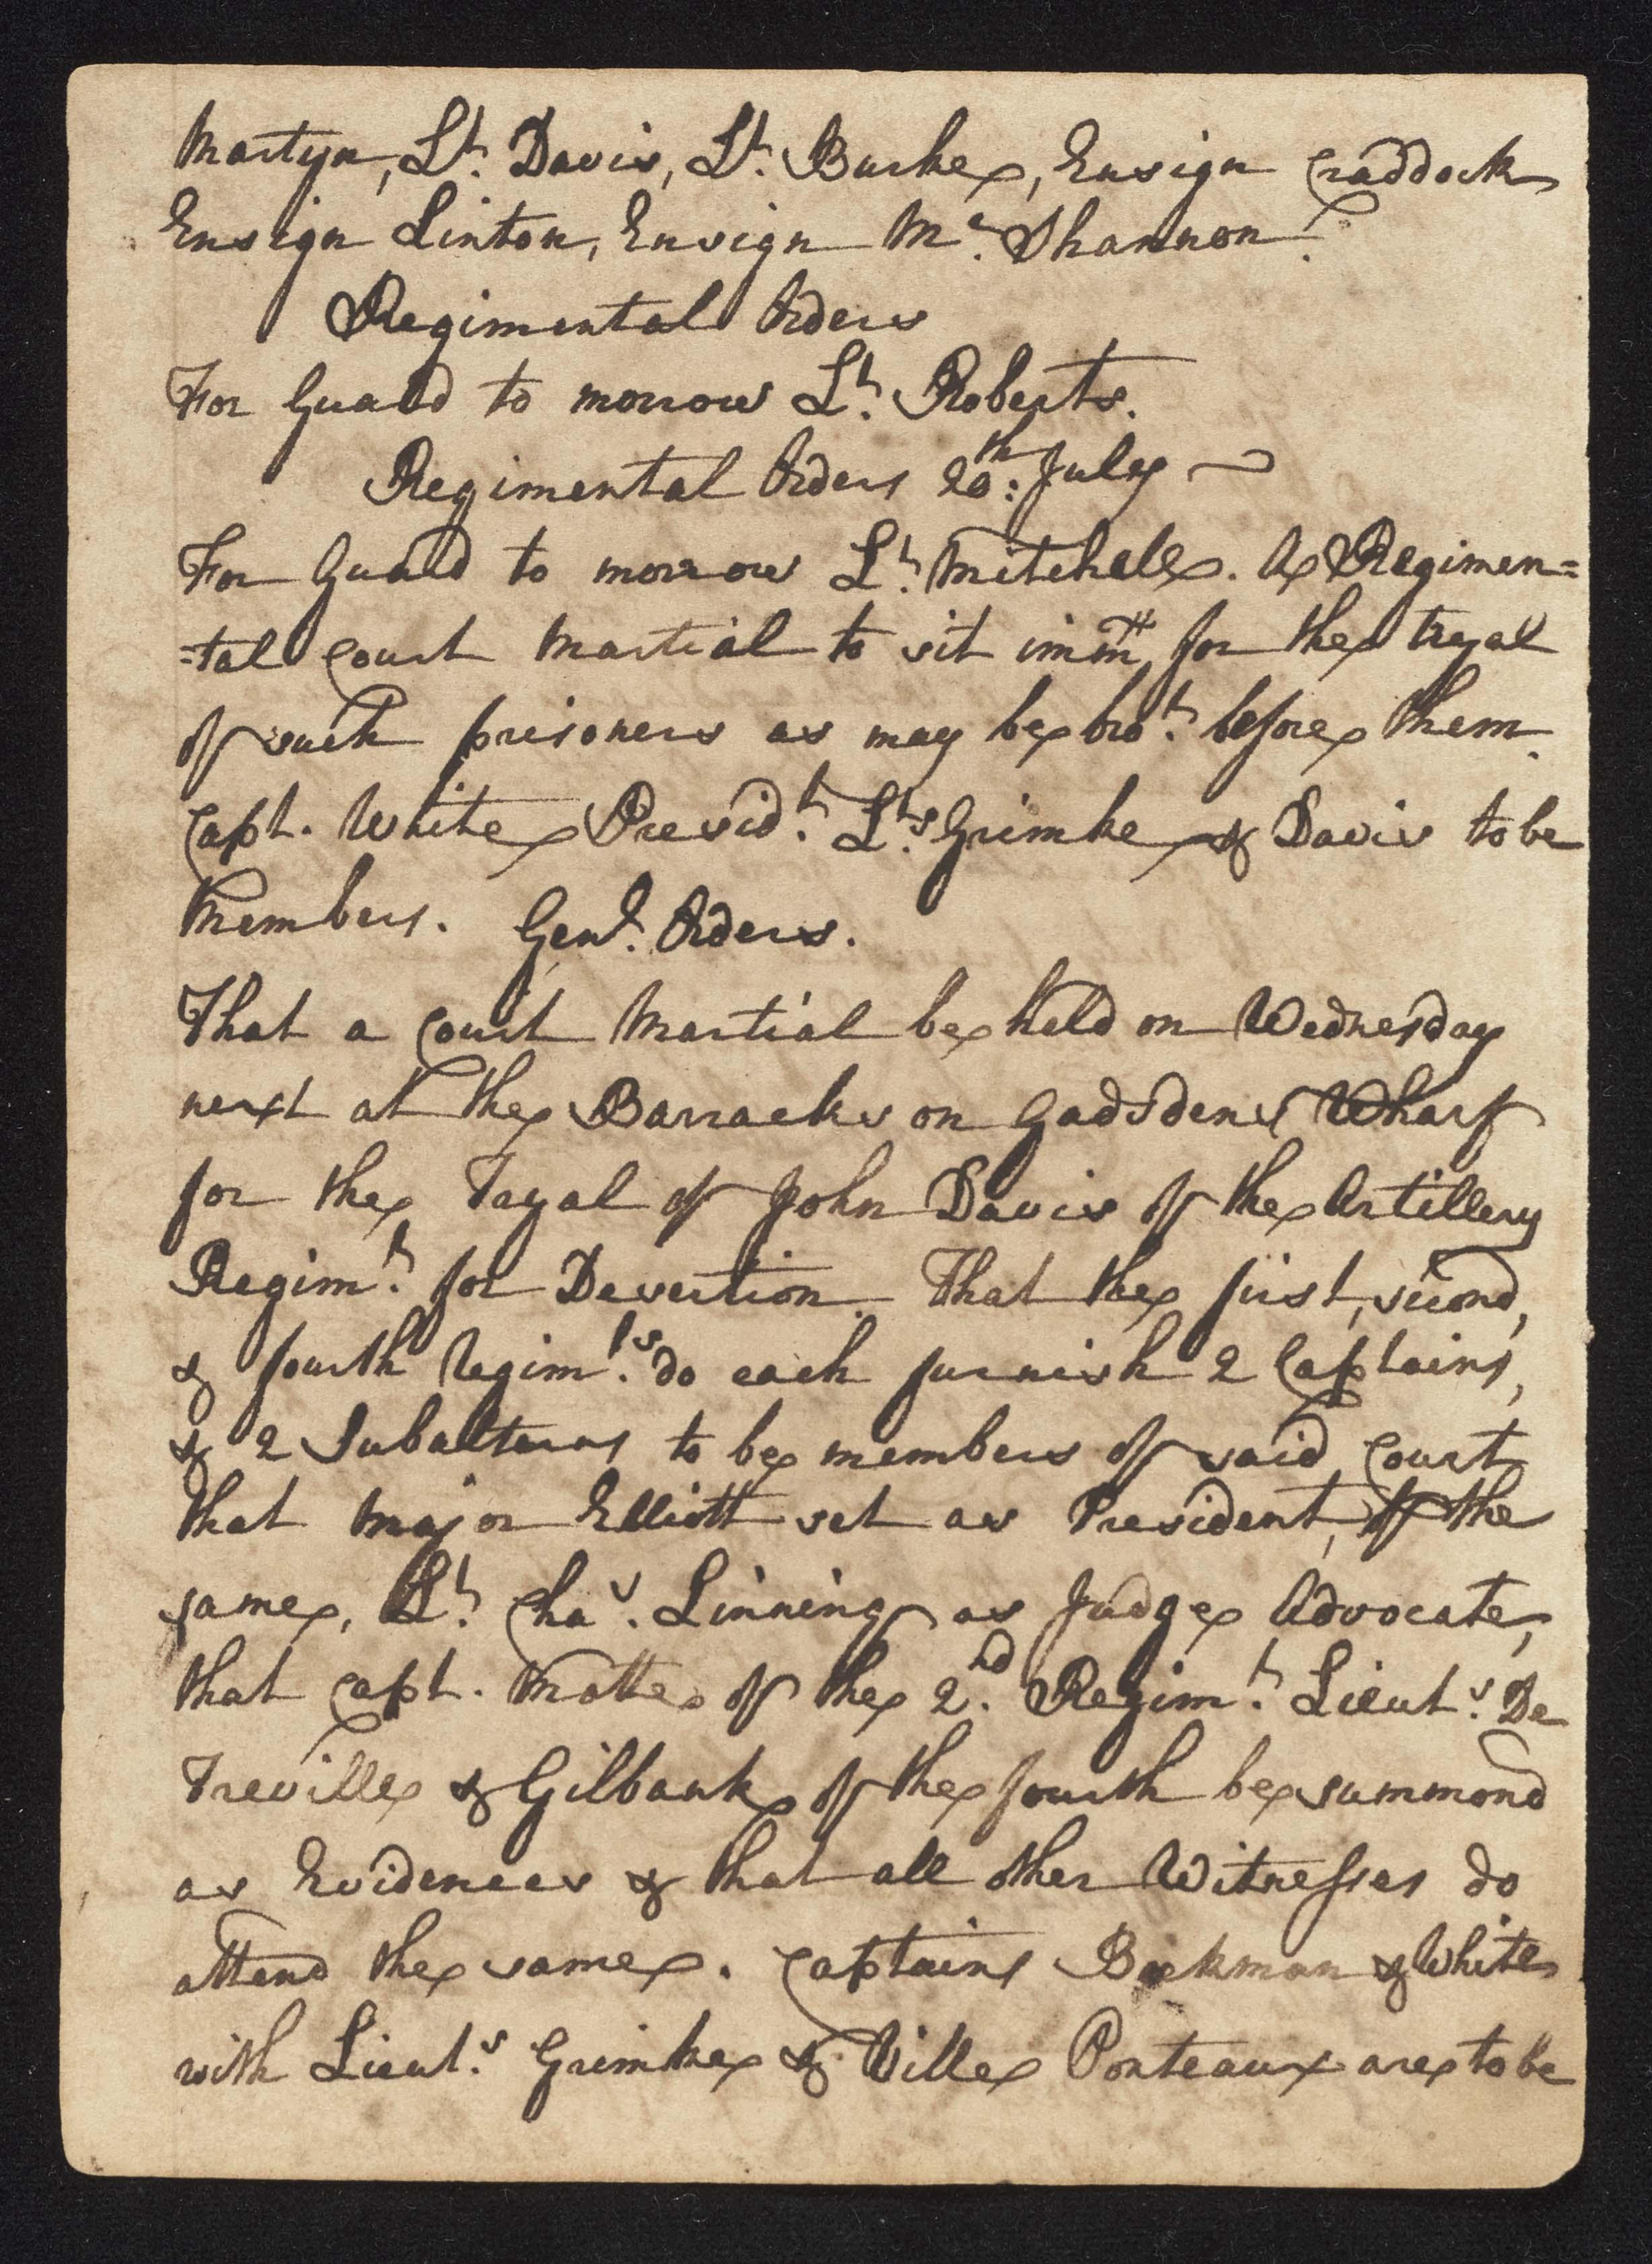 South Carolina Regiment Order Book, Page 144